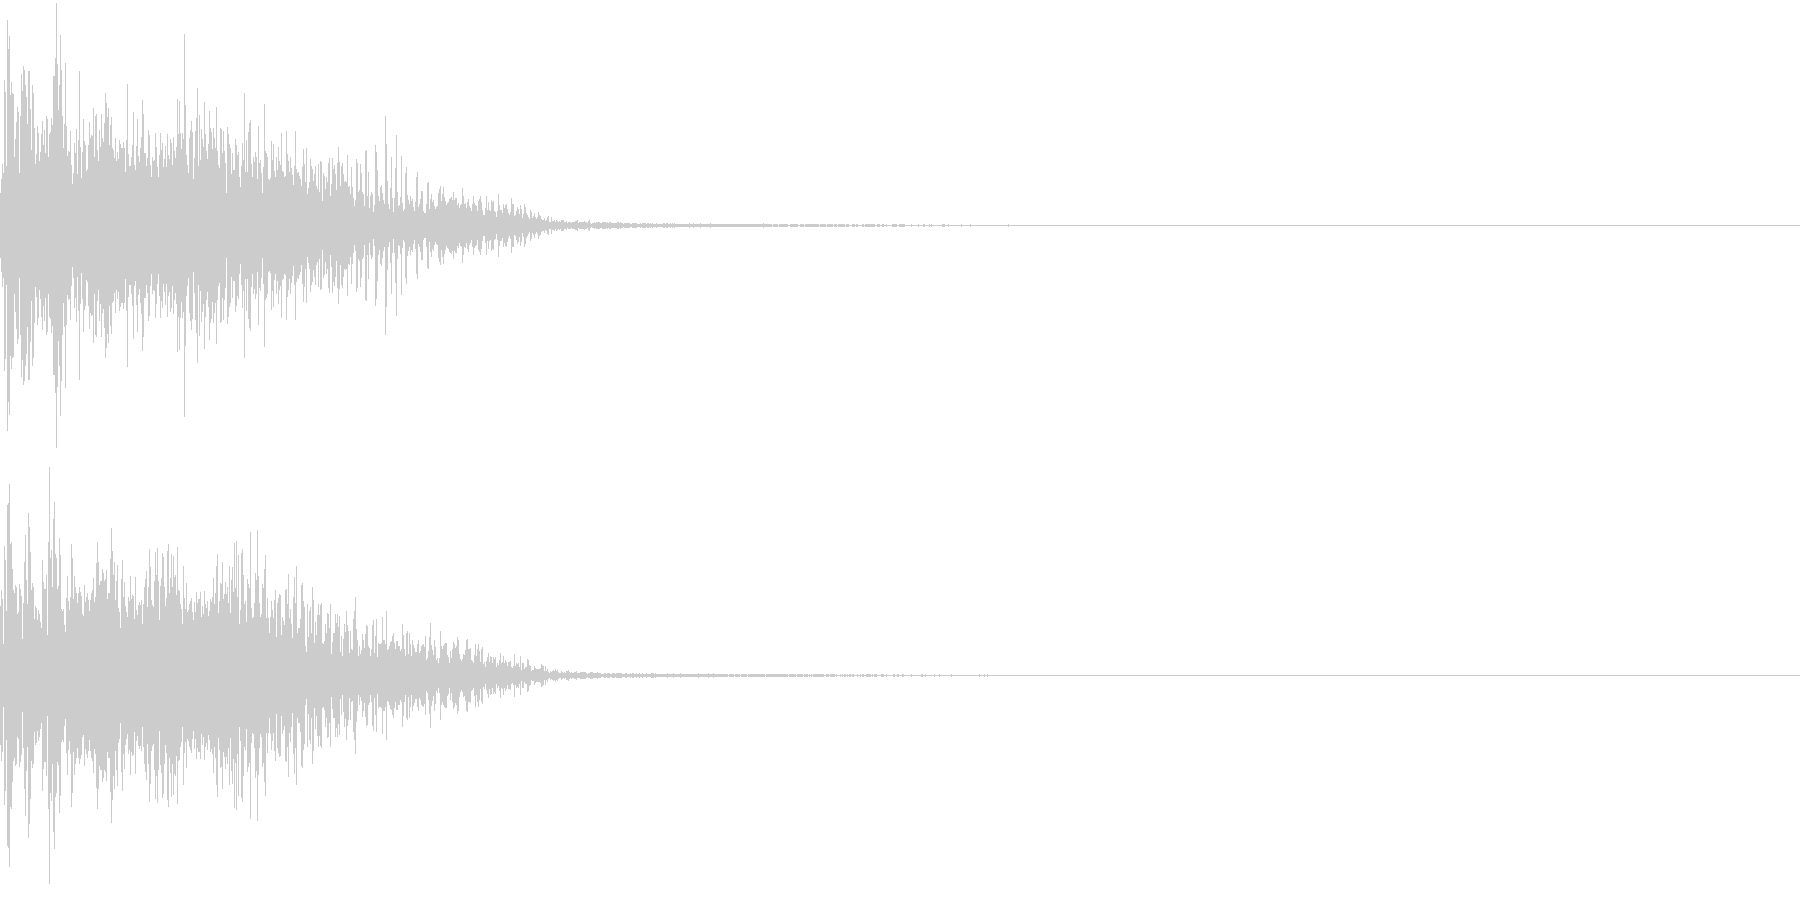 InvaderBuzz 発砲音 12の未再生の波形